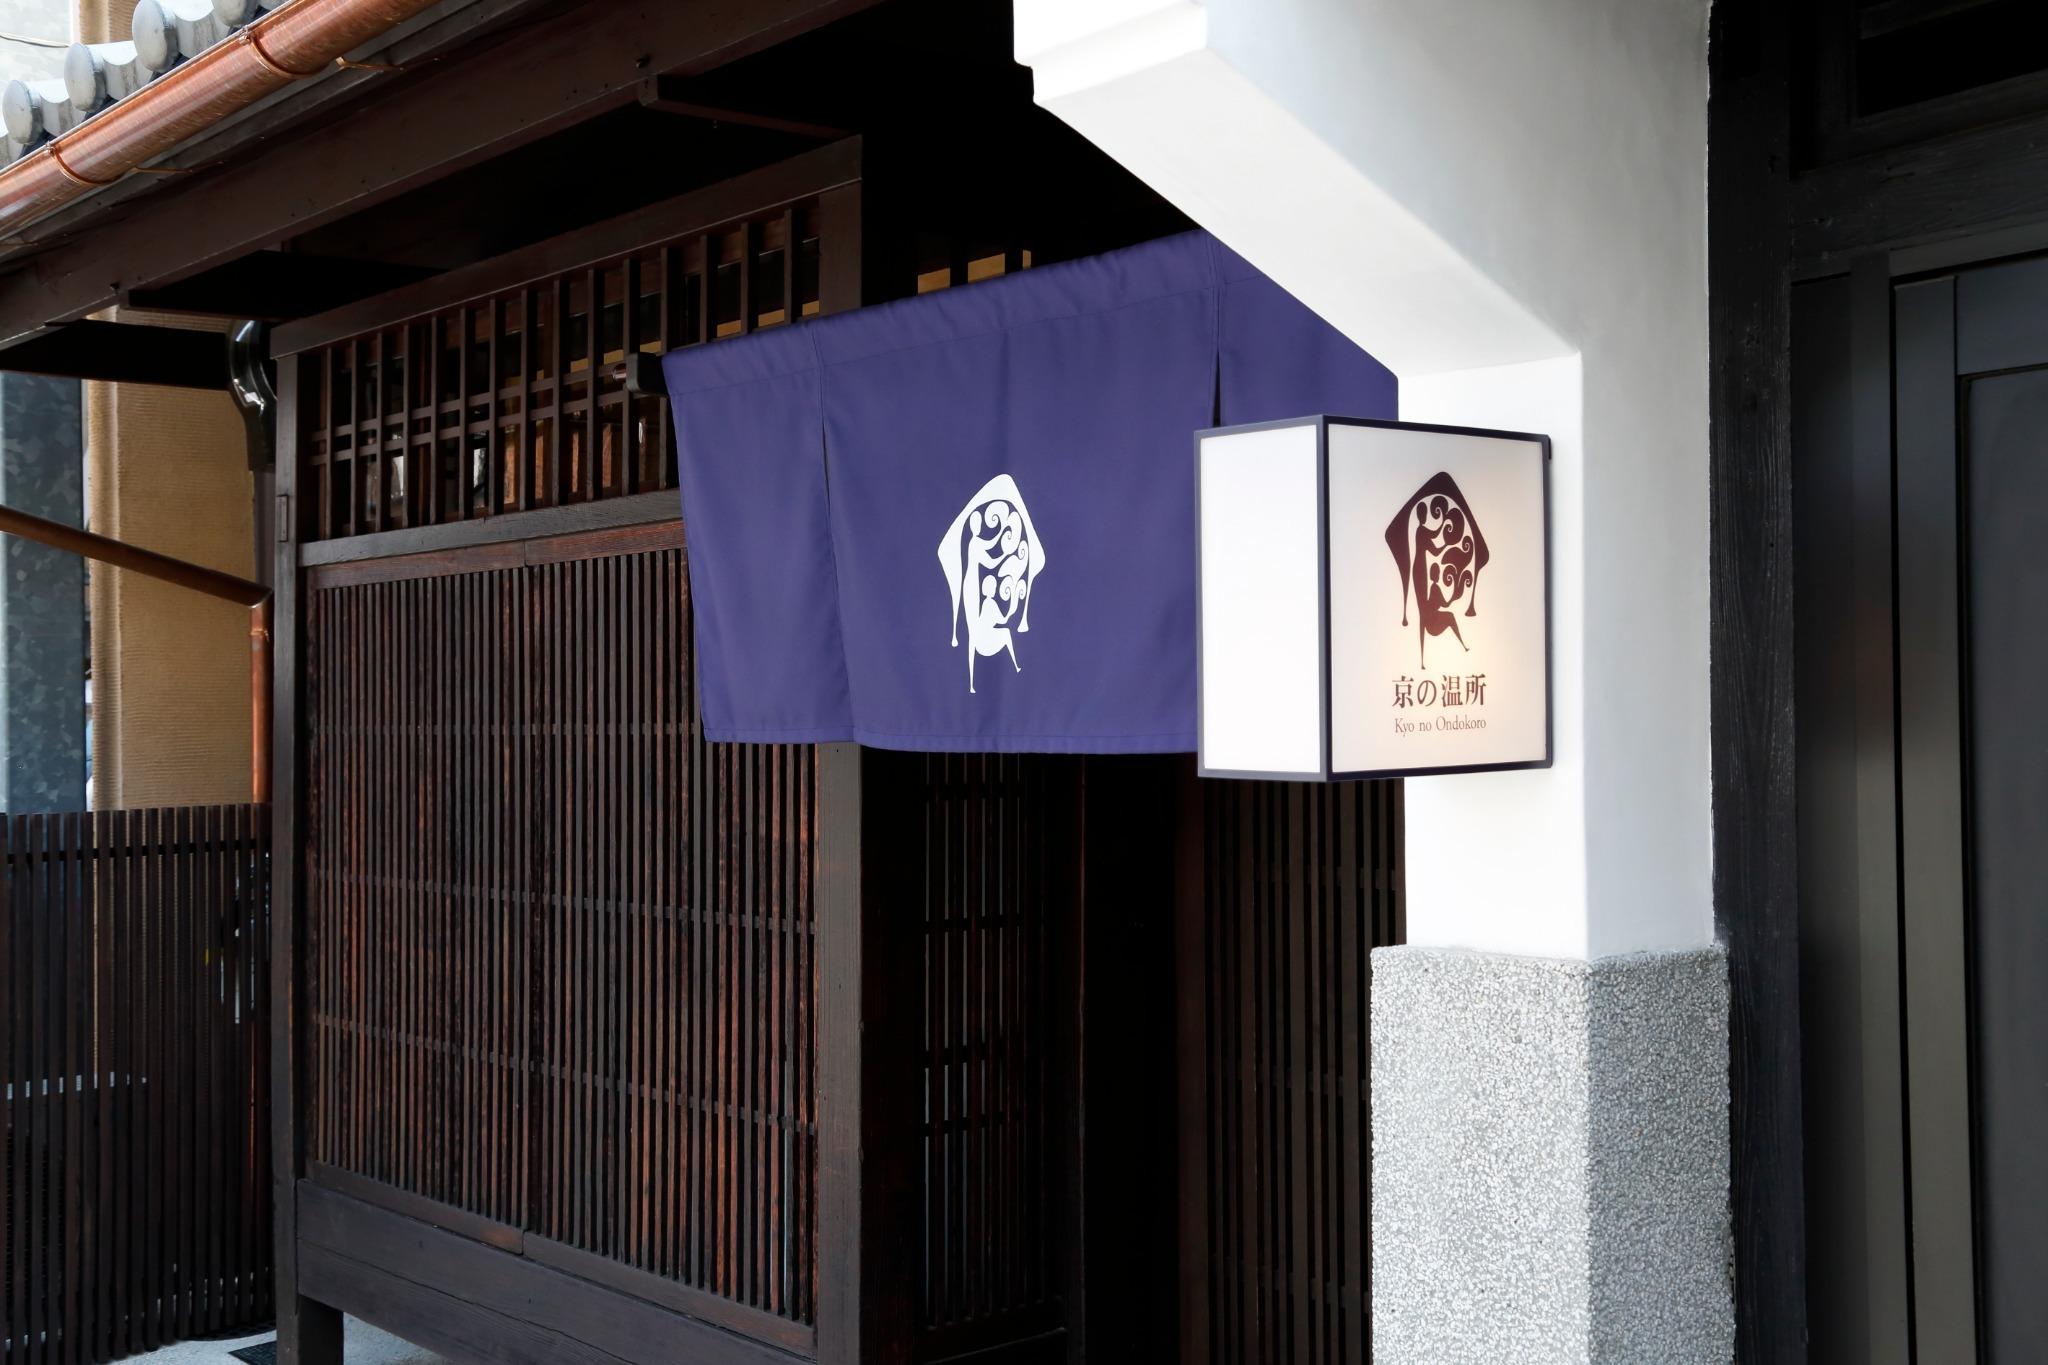 「京の温所」ロゴマークを手がけたのは望月通陽。「京の温所」のコンセプト、「滞在する人たちが それぞれの息に合わせて形づくる あたらしいもうひとつの日常」を表しています。